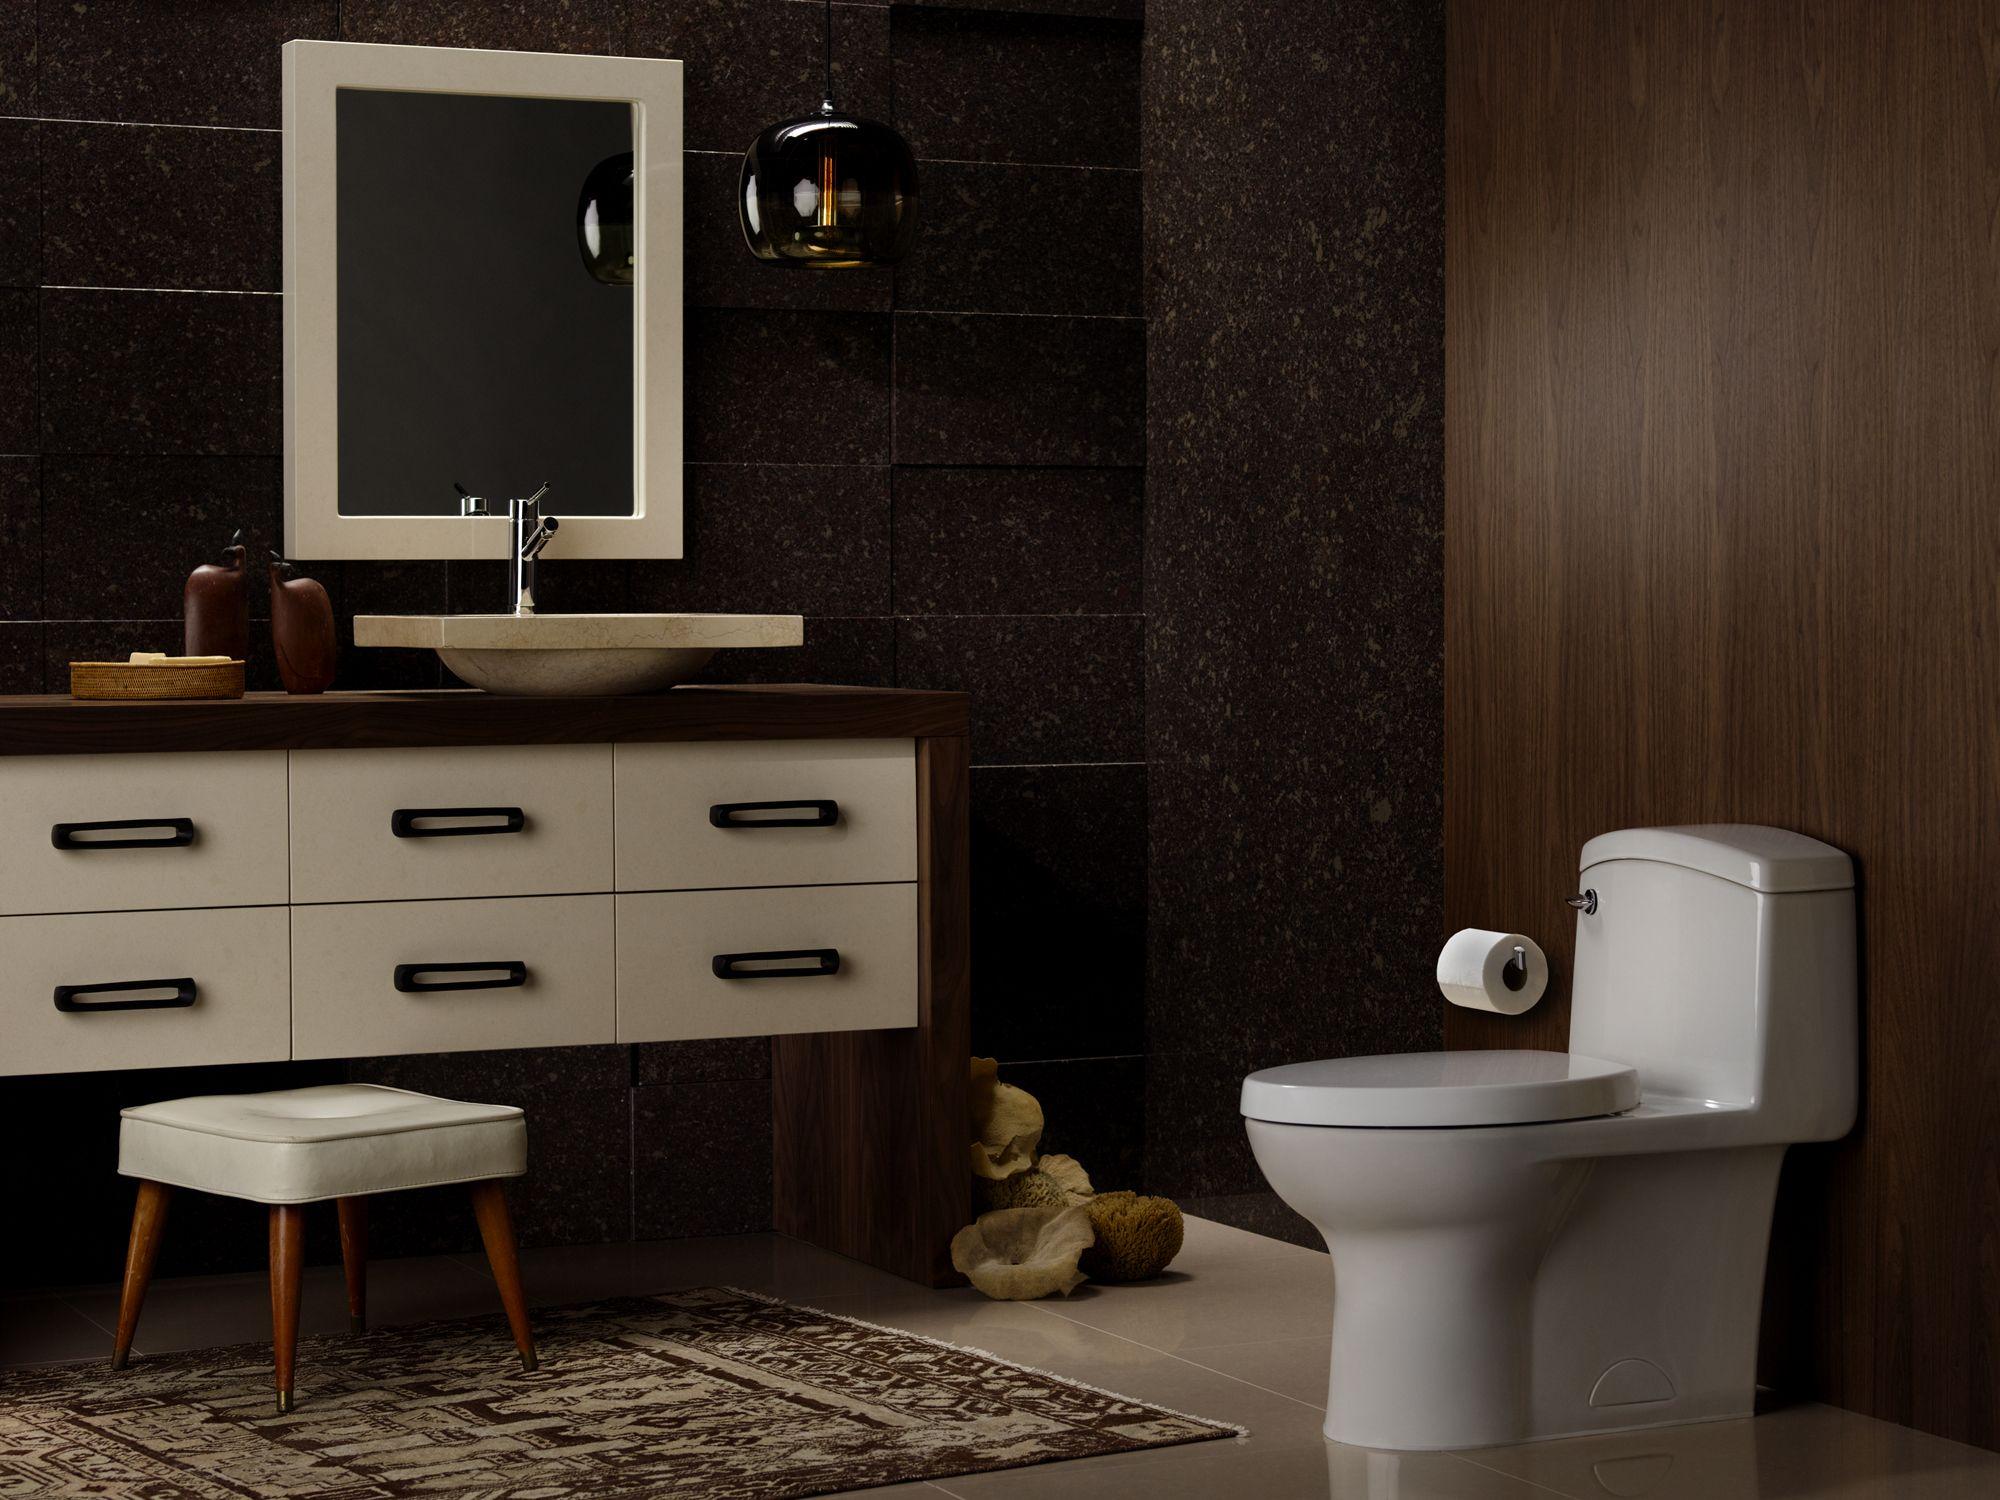 Un Toilette Ou Une Toilette toilette.toilettes et bidets - salle de bain - lacroix